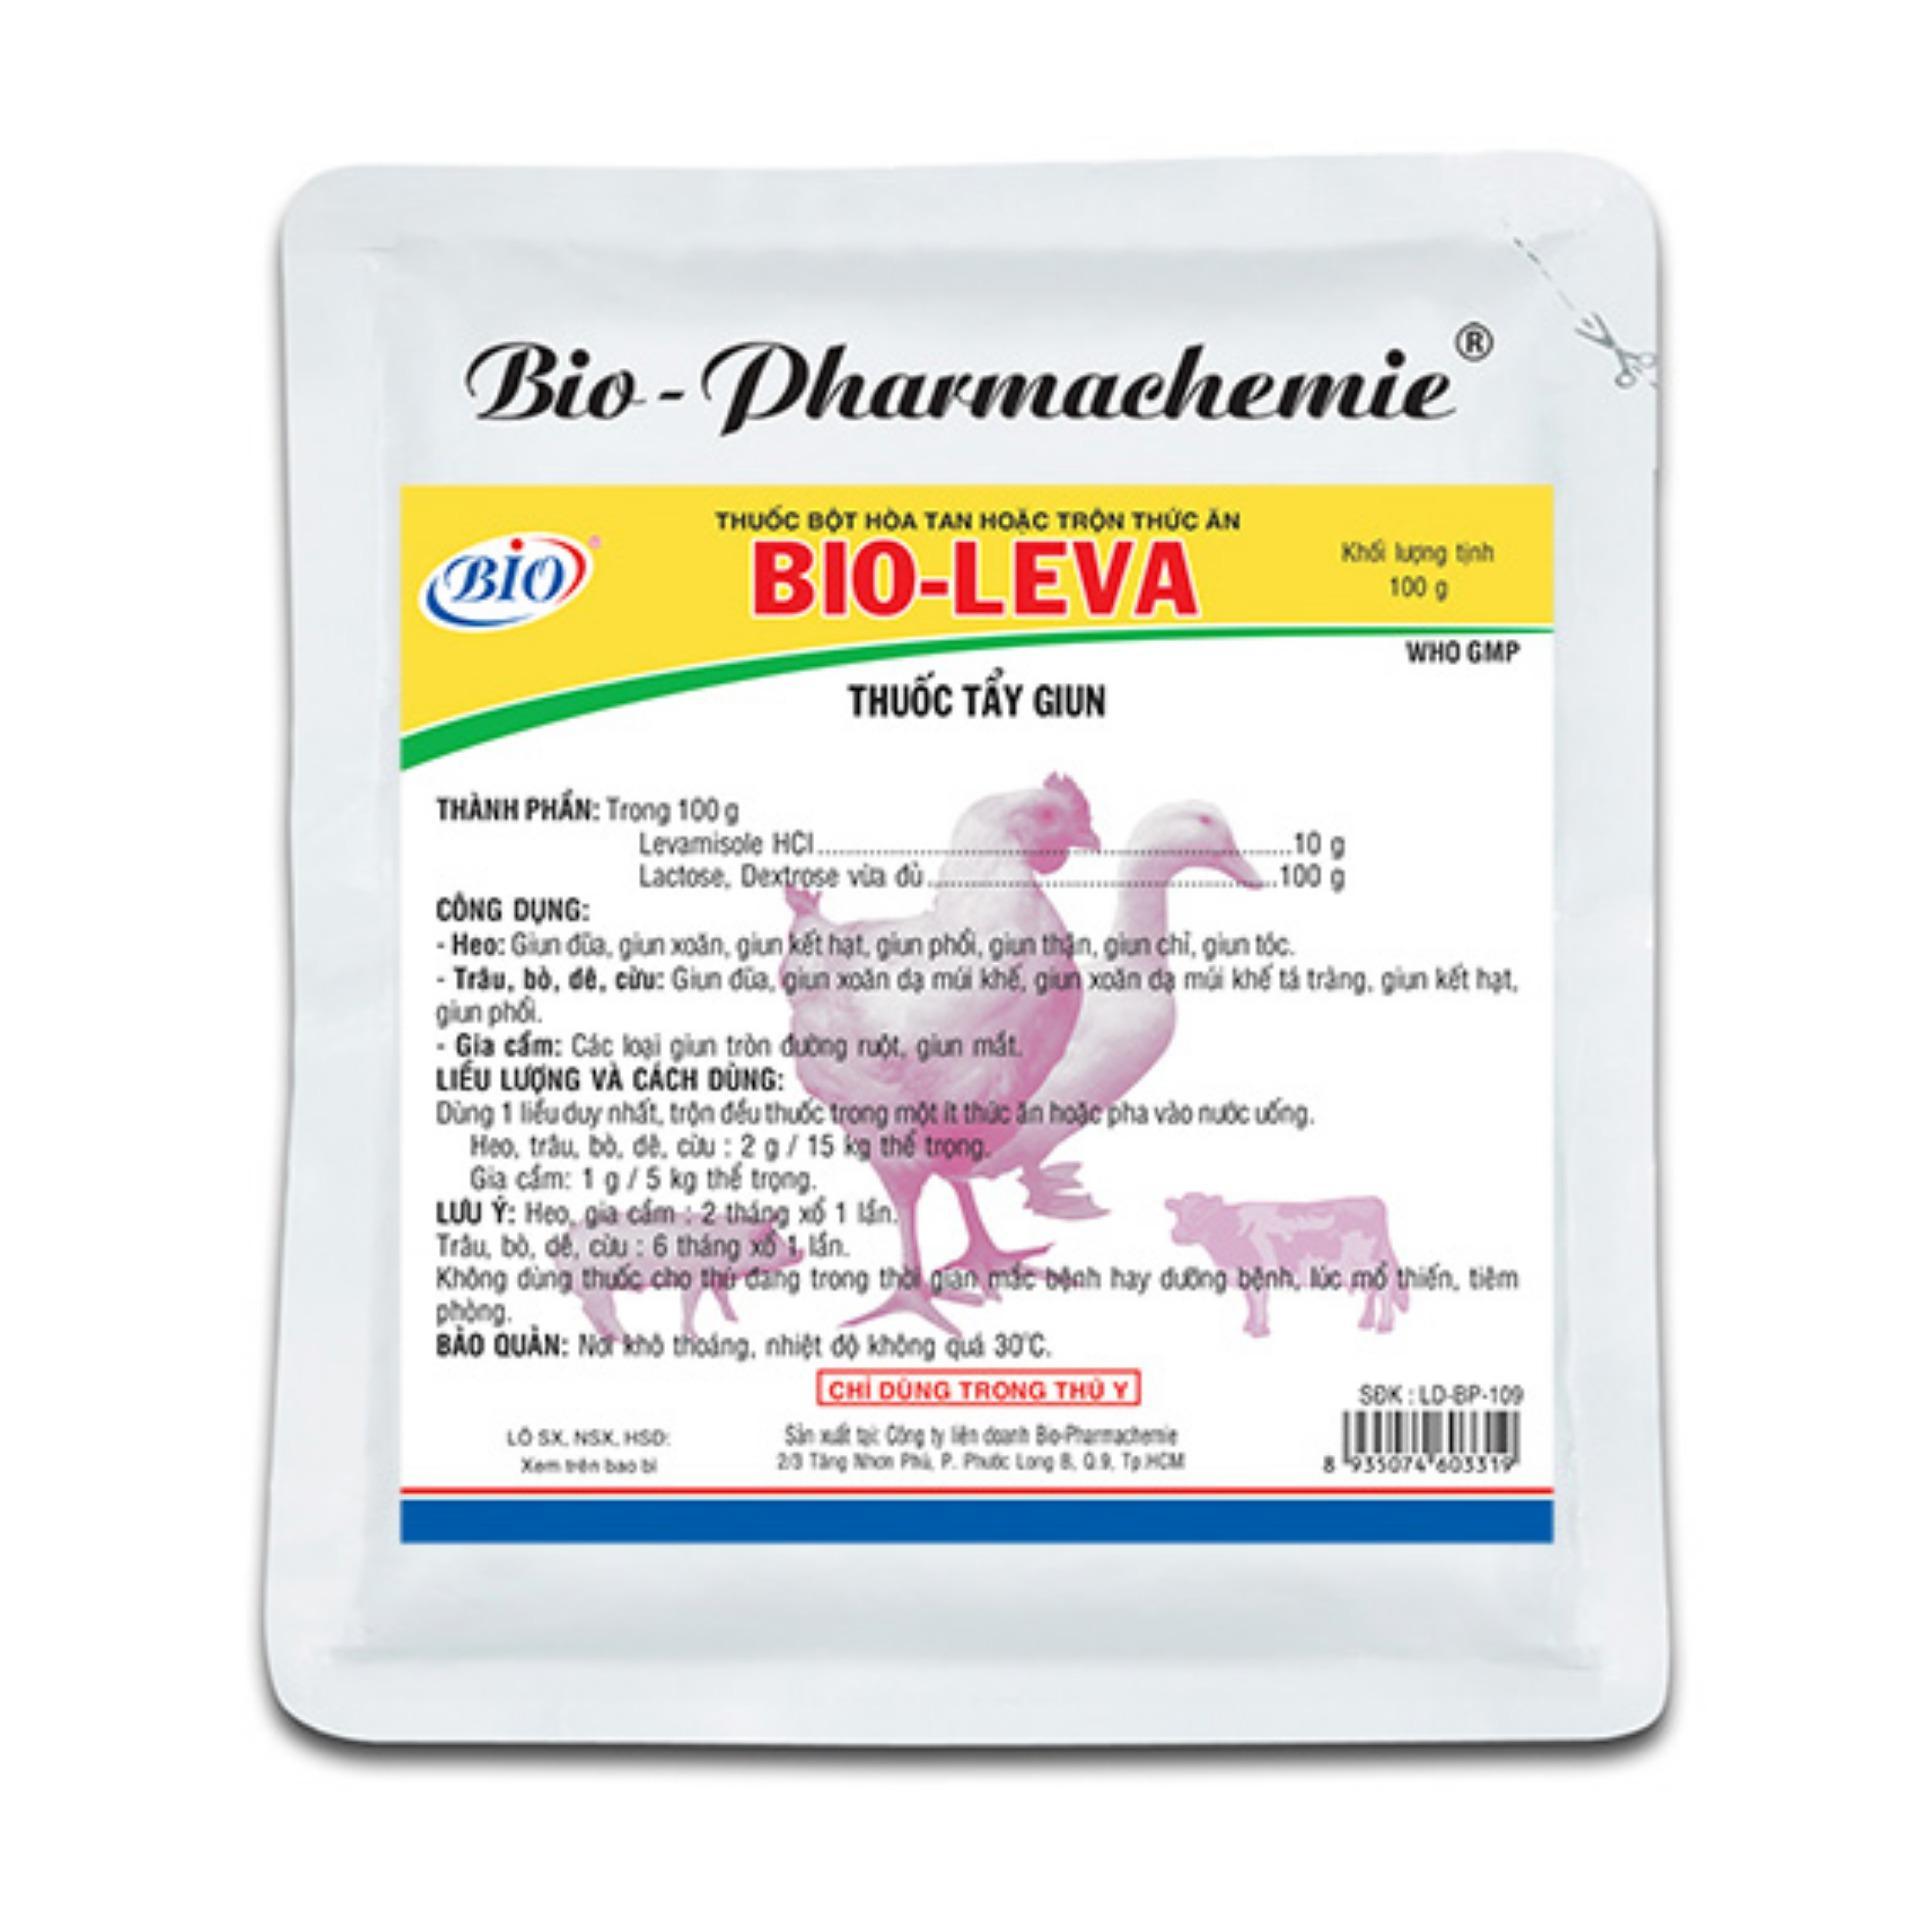 Thuốc sổ giun cho gà – thuốc sổ giun cho chim – sổ sán lãi cho gà chim – Bio leva 10g